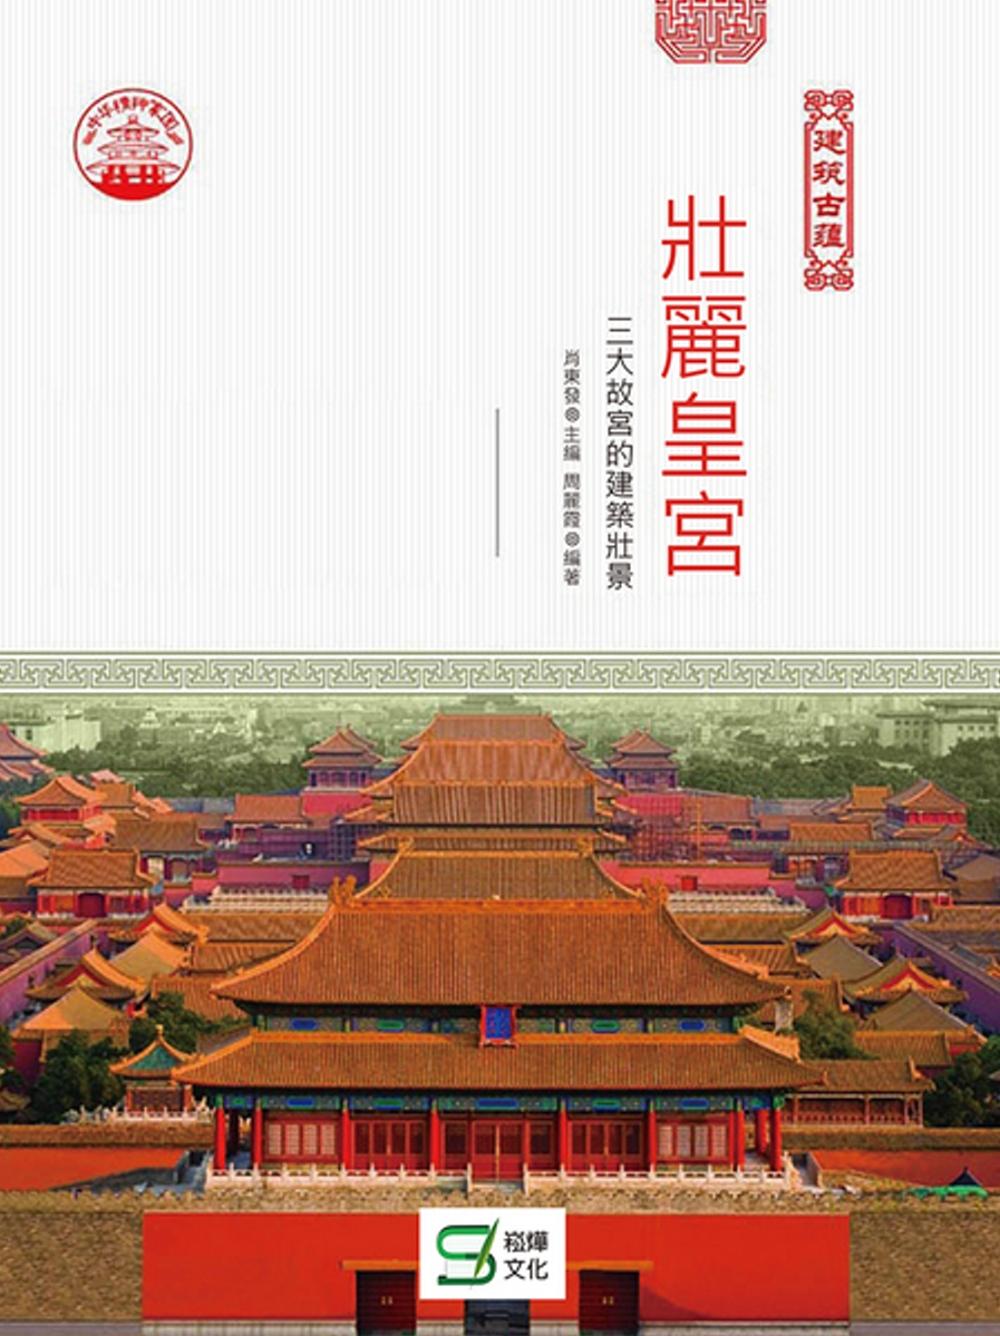 《壯麗皇宮:三大故宮的建築壯景》 商品條碼,ISBN:9789865603045